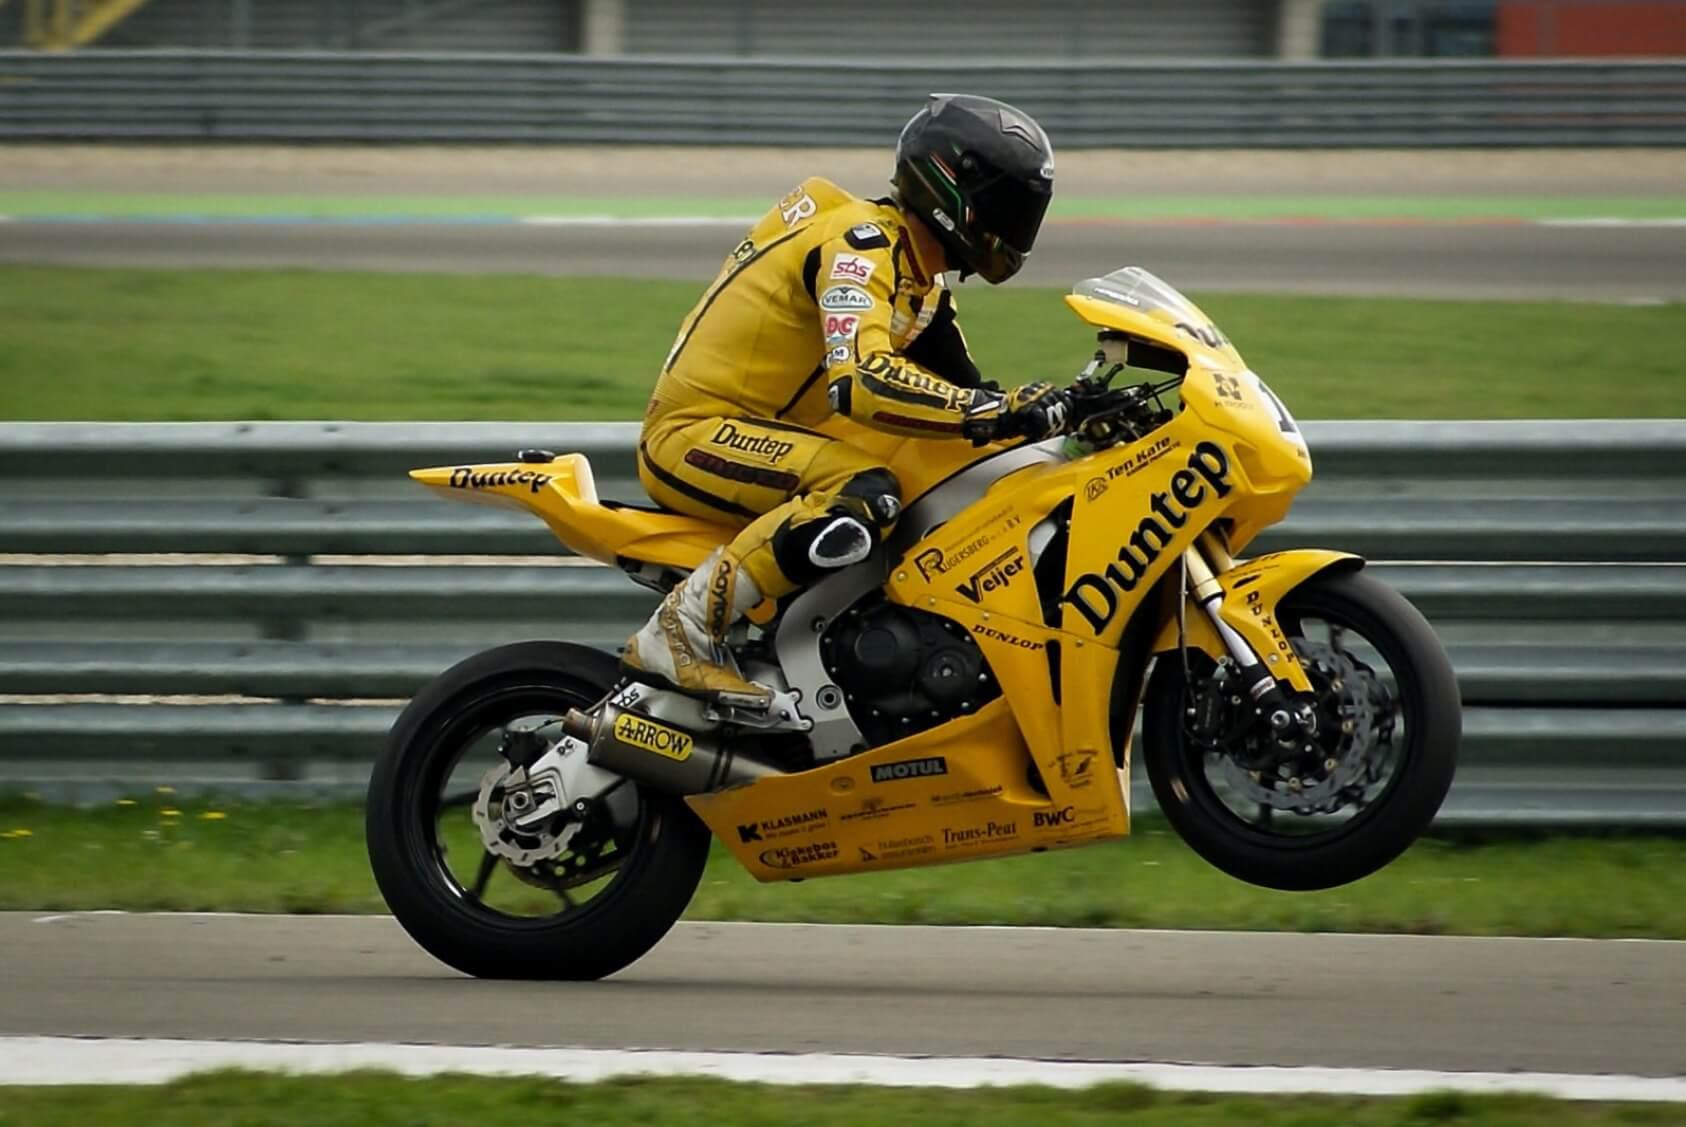 Yellow Racing Motorcycle - Original image